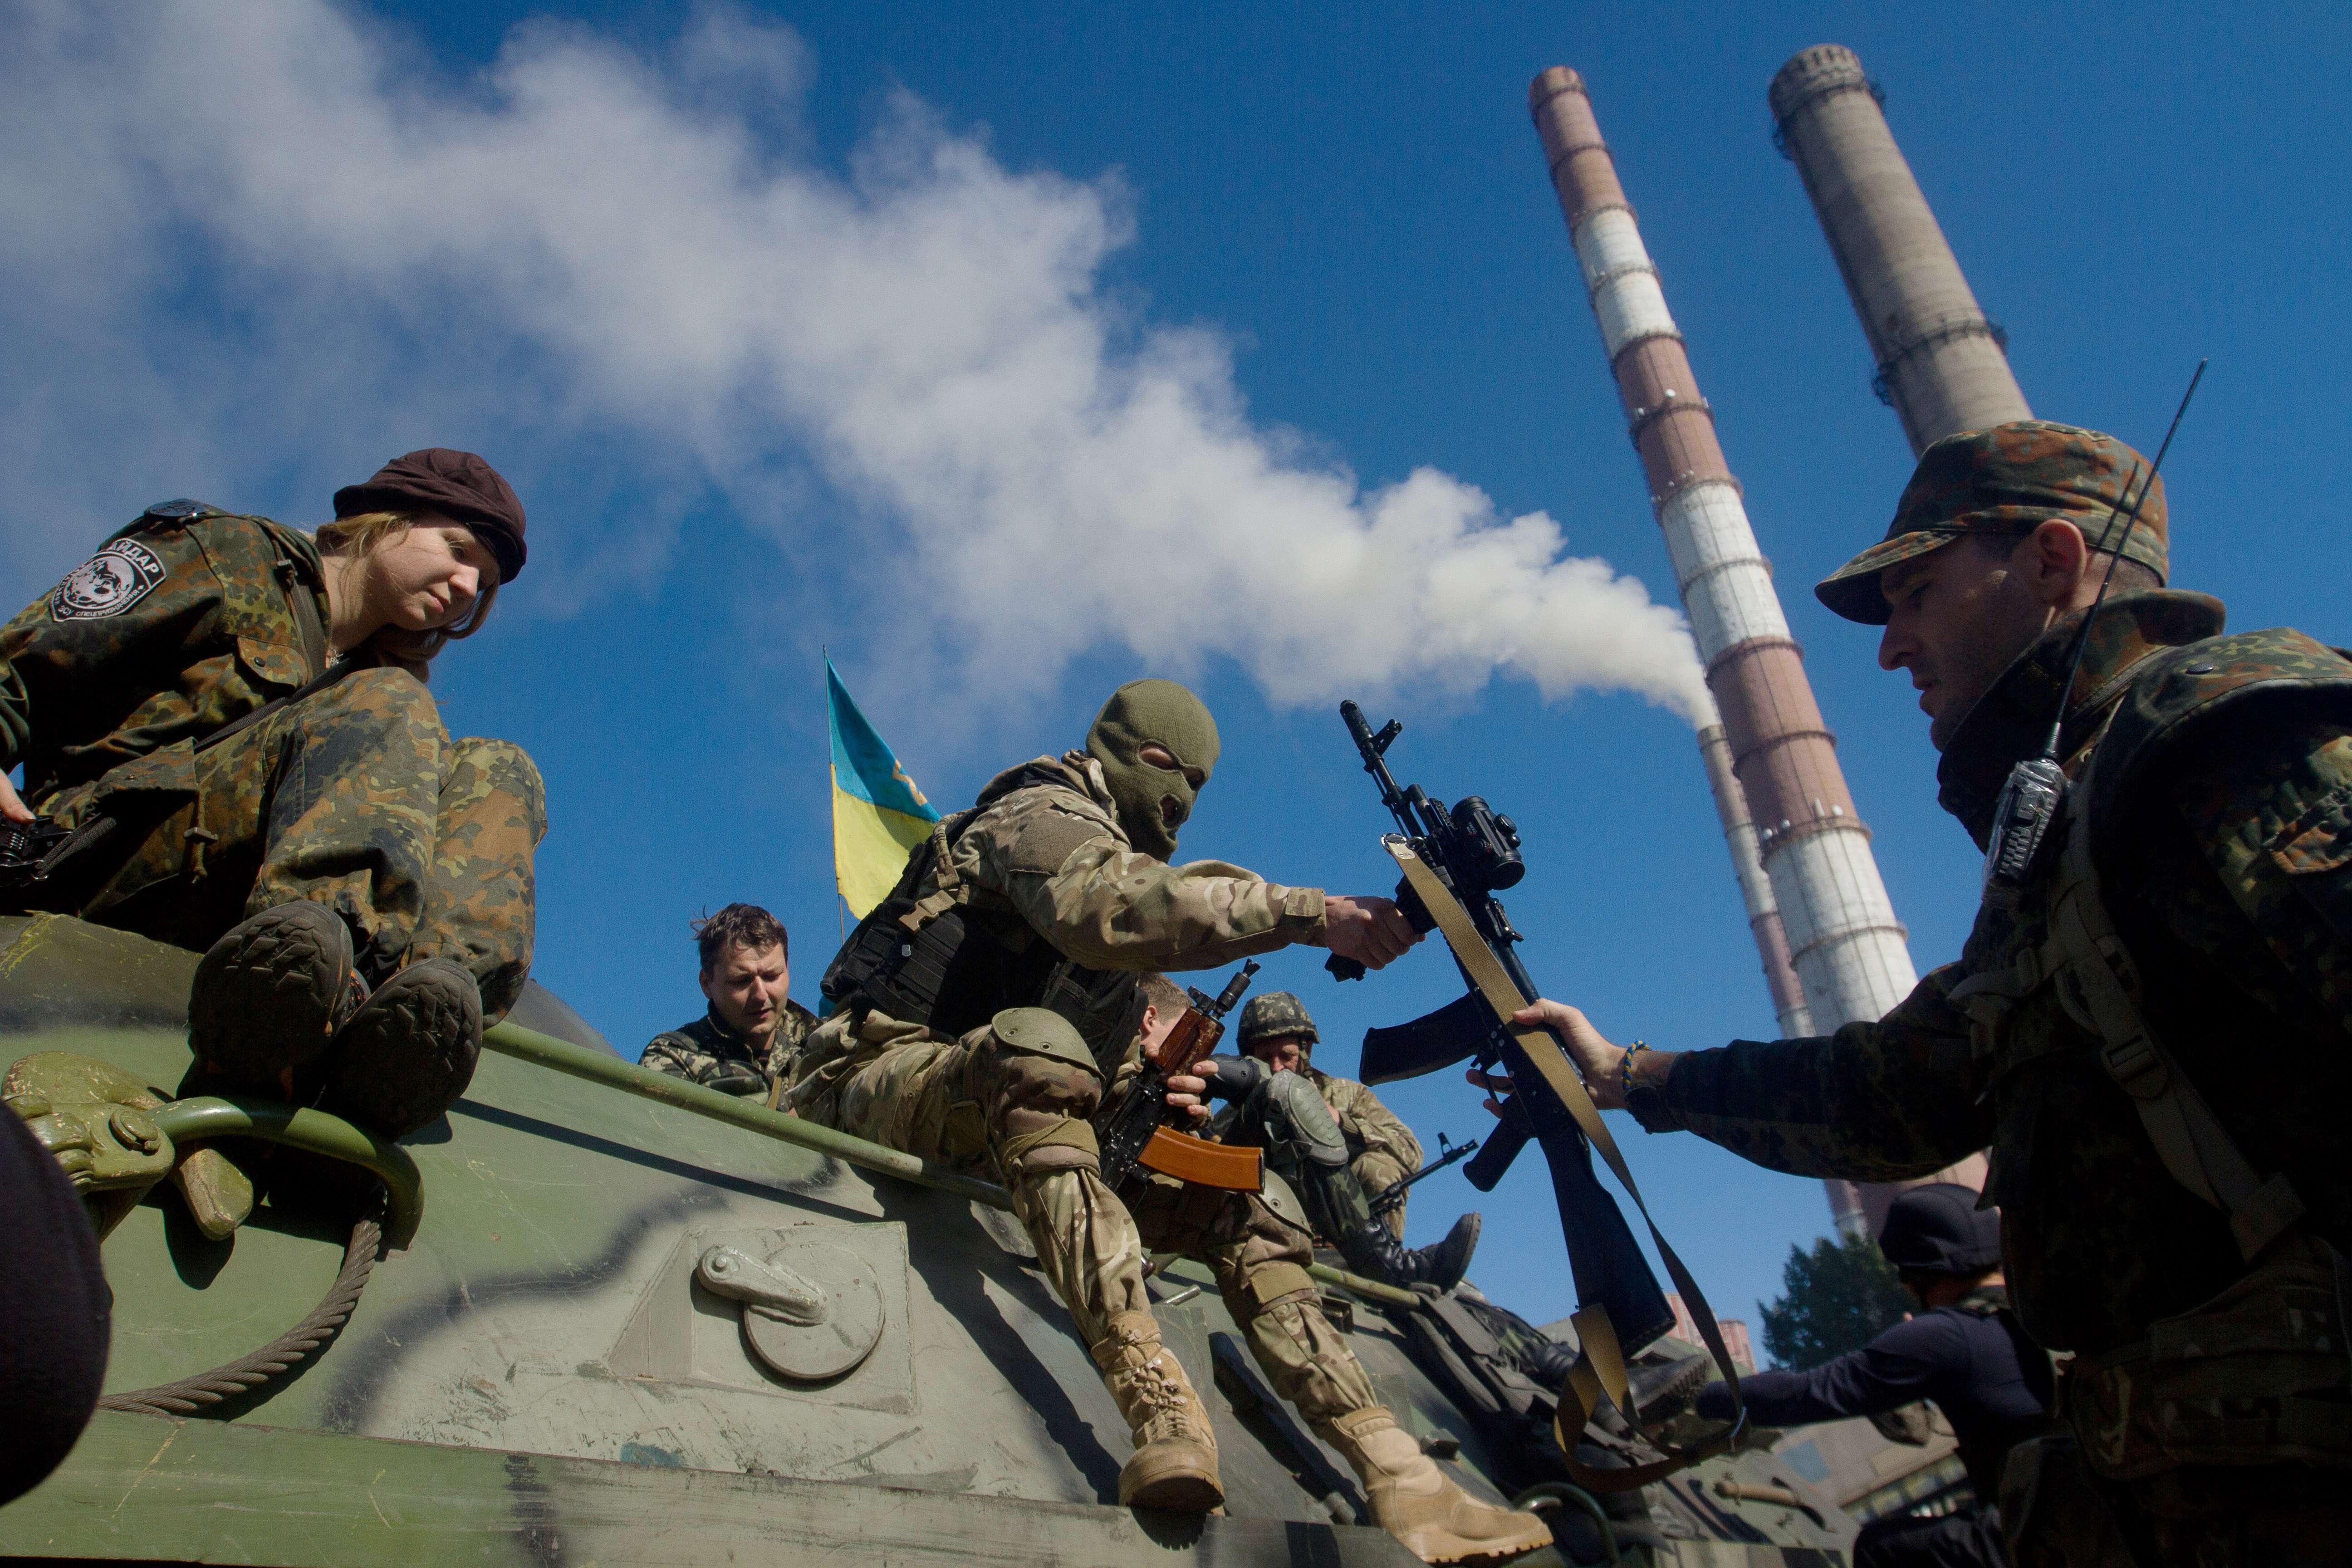 Criza in Ucraina. Bild: Berlinul intentioneaza sa trimita 200 de soldati in Ucraina pentru a sustine OSCE